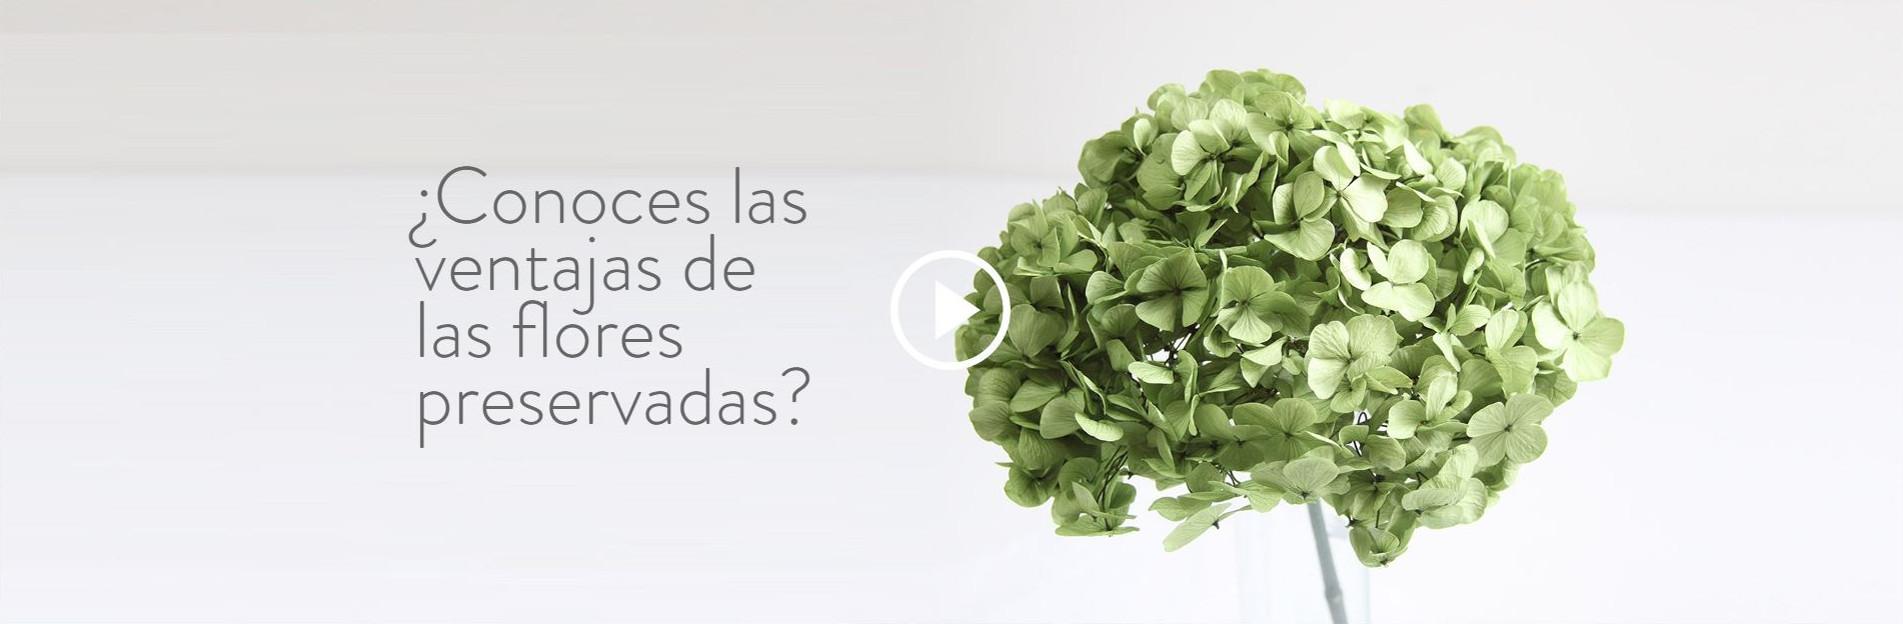 ¿Conoces las ventajas de las flores preservadas?